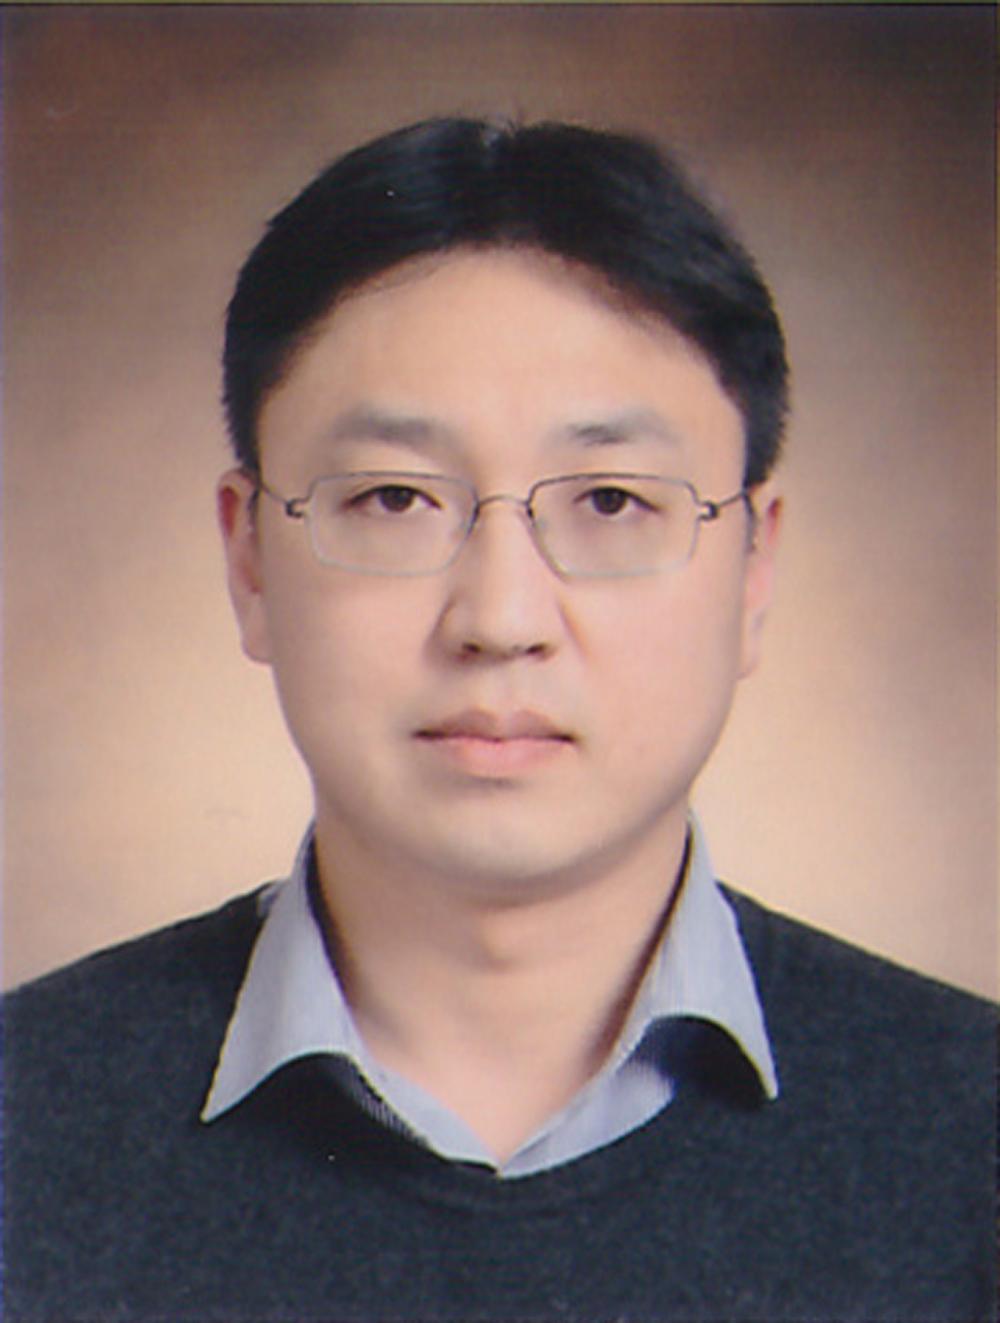 Kim Yong-Won 선생님 사진